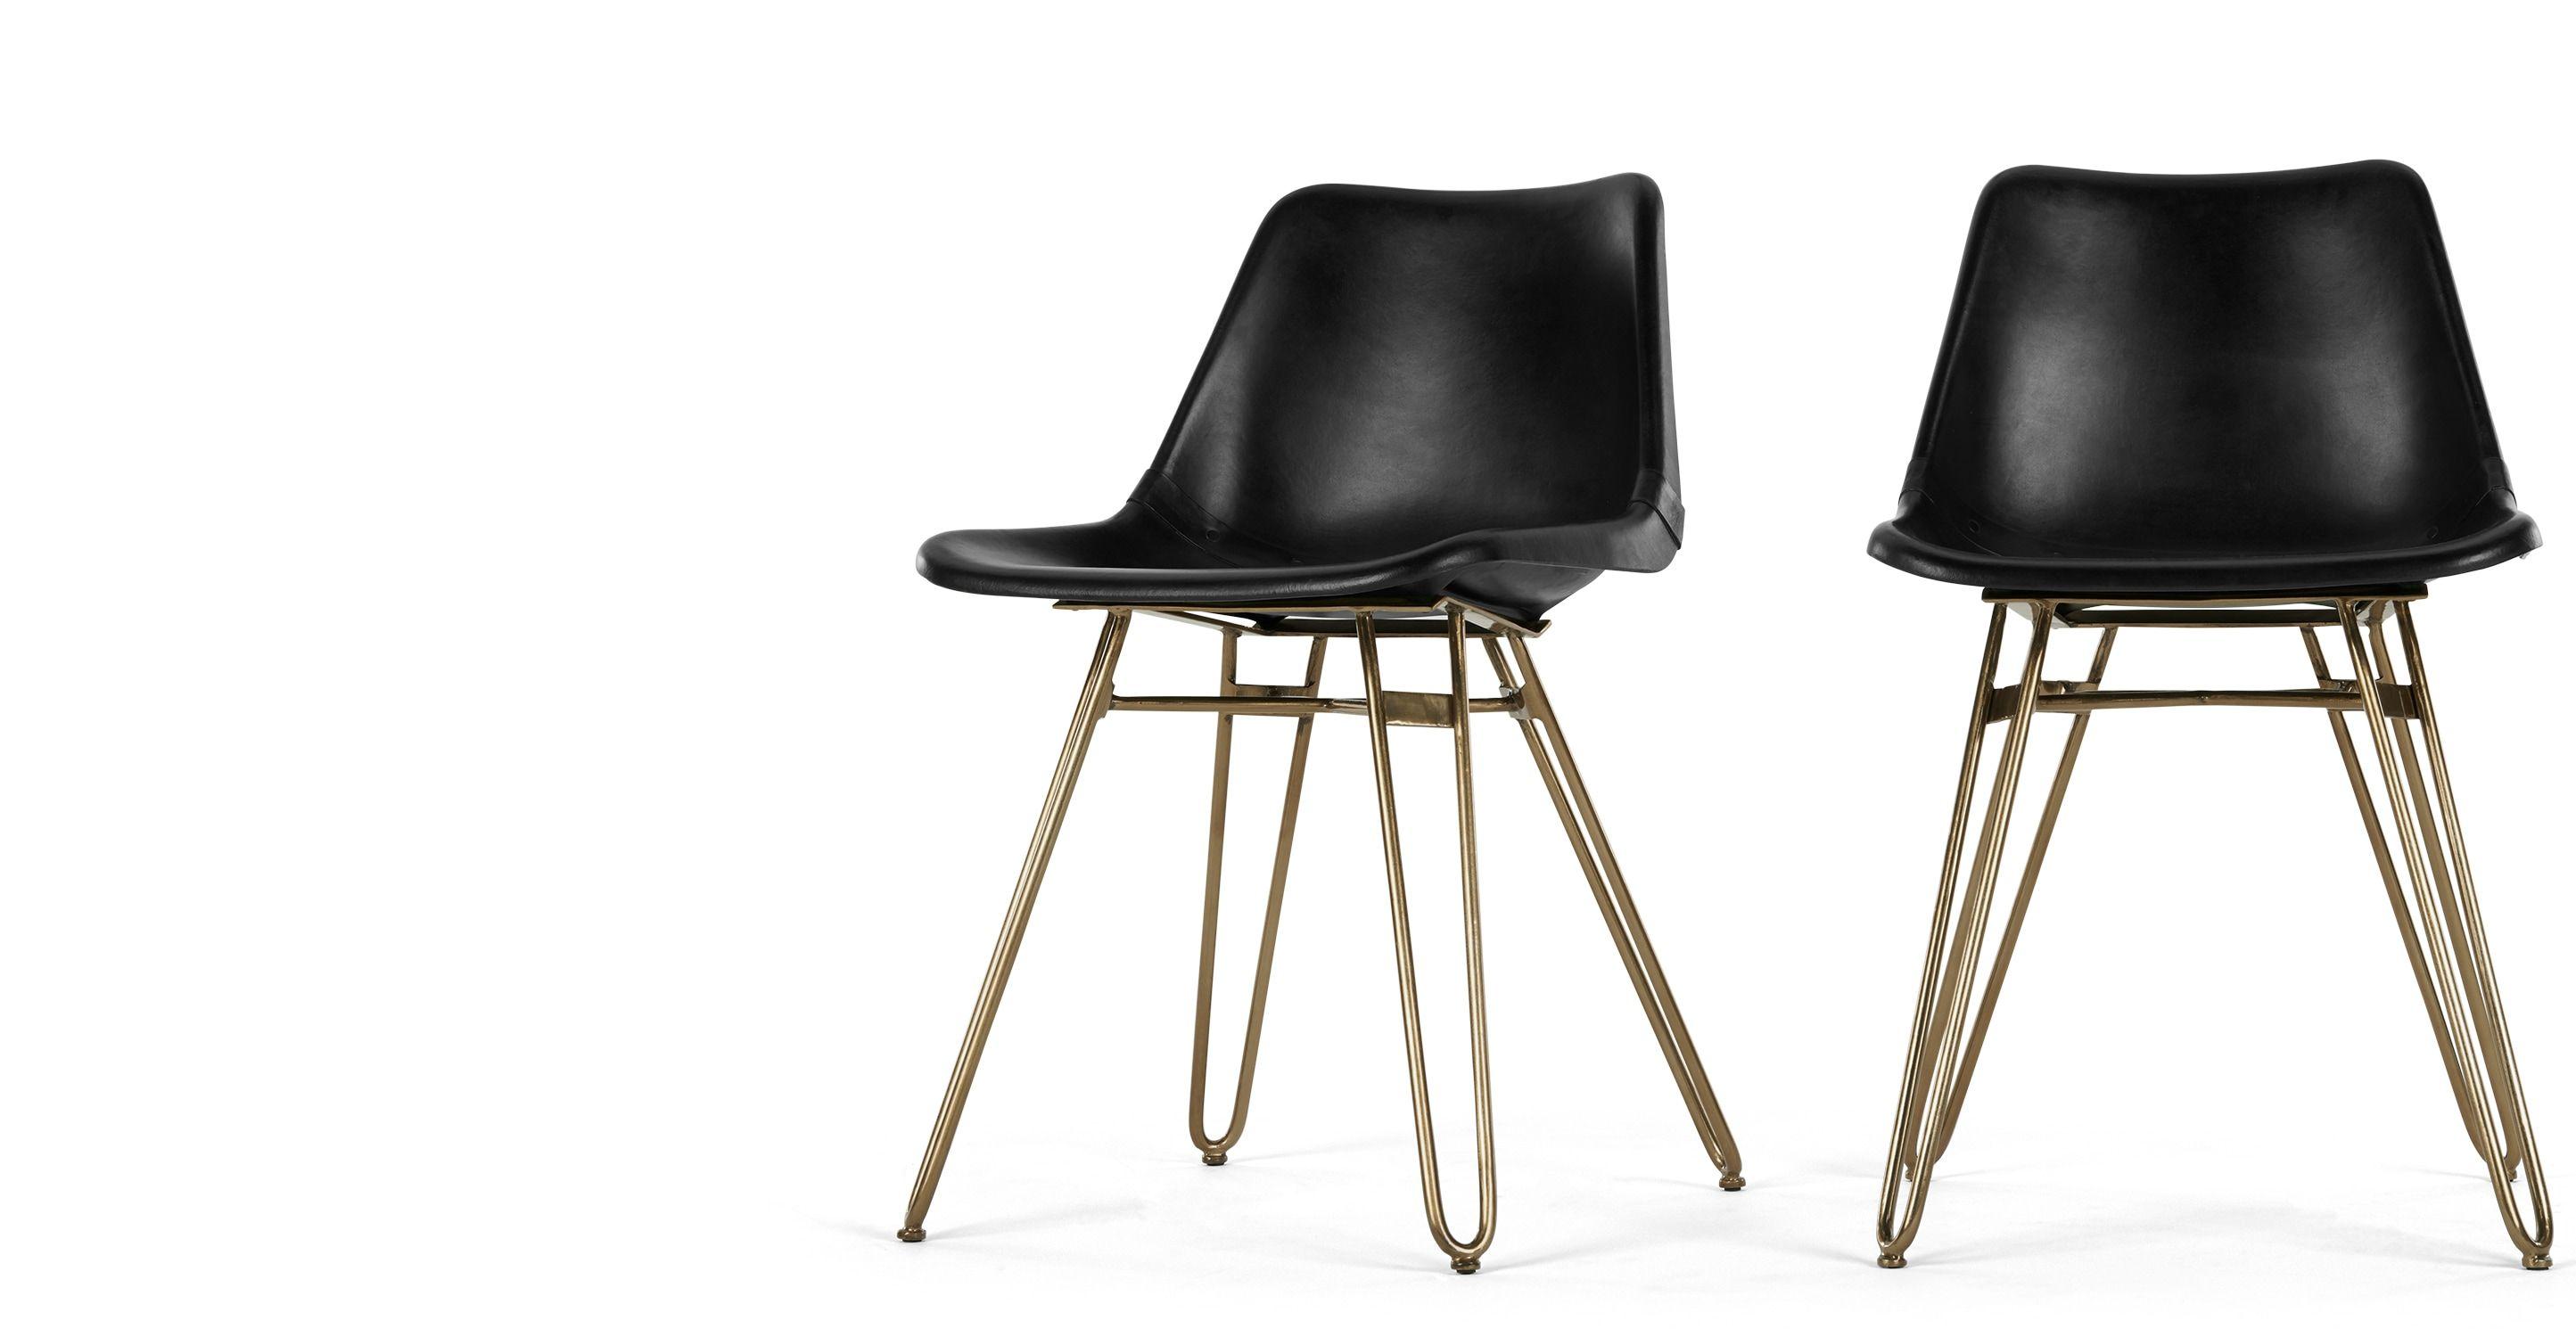 Elegant Esszimmerstühle Leder Ideen Von #awesome --> Esszimmerstühle - 2 X Kendal